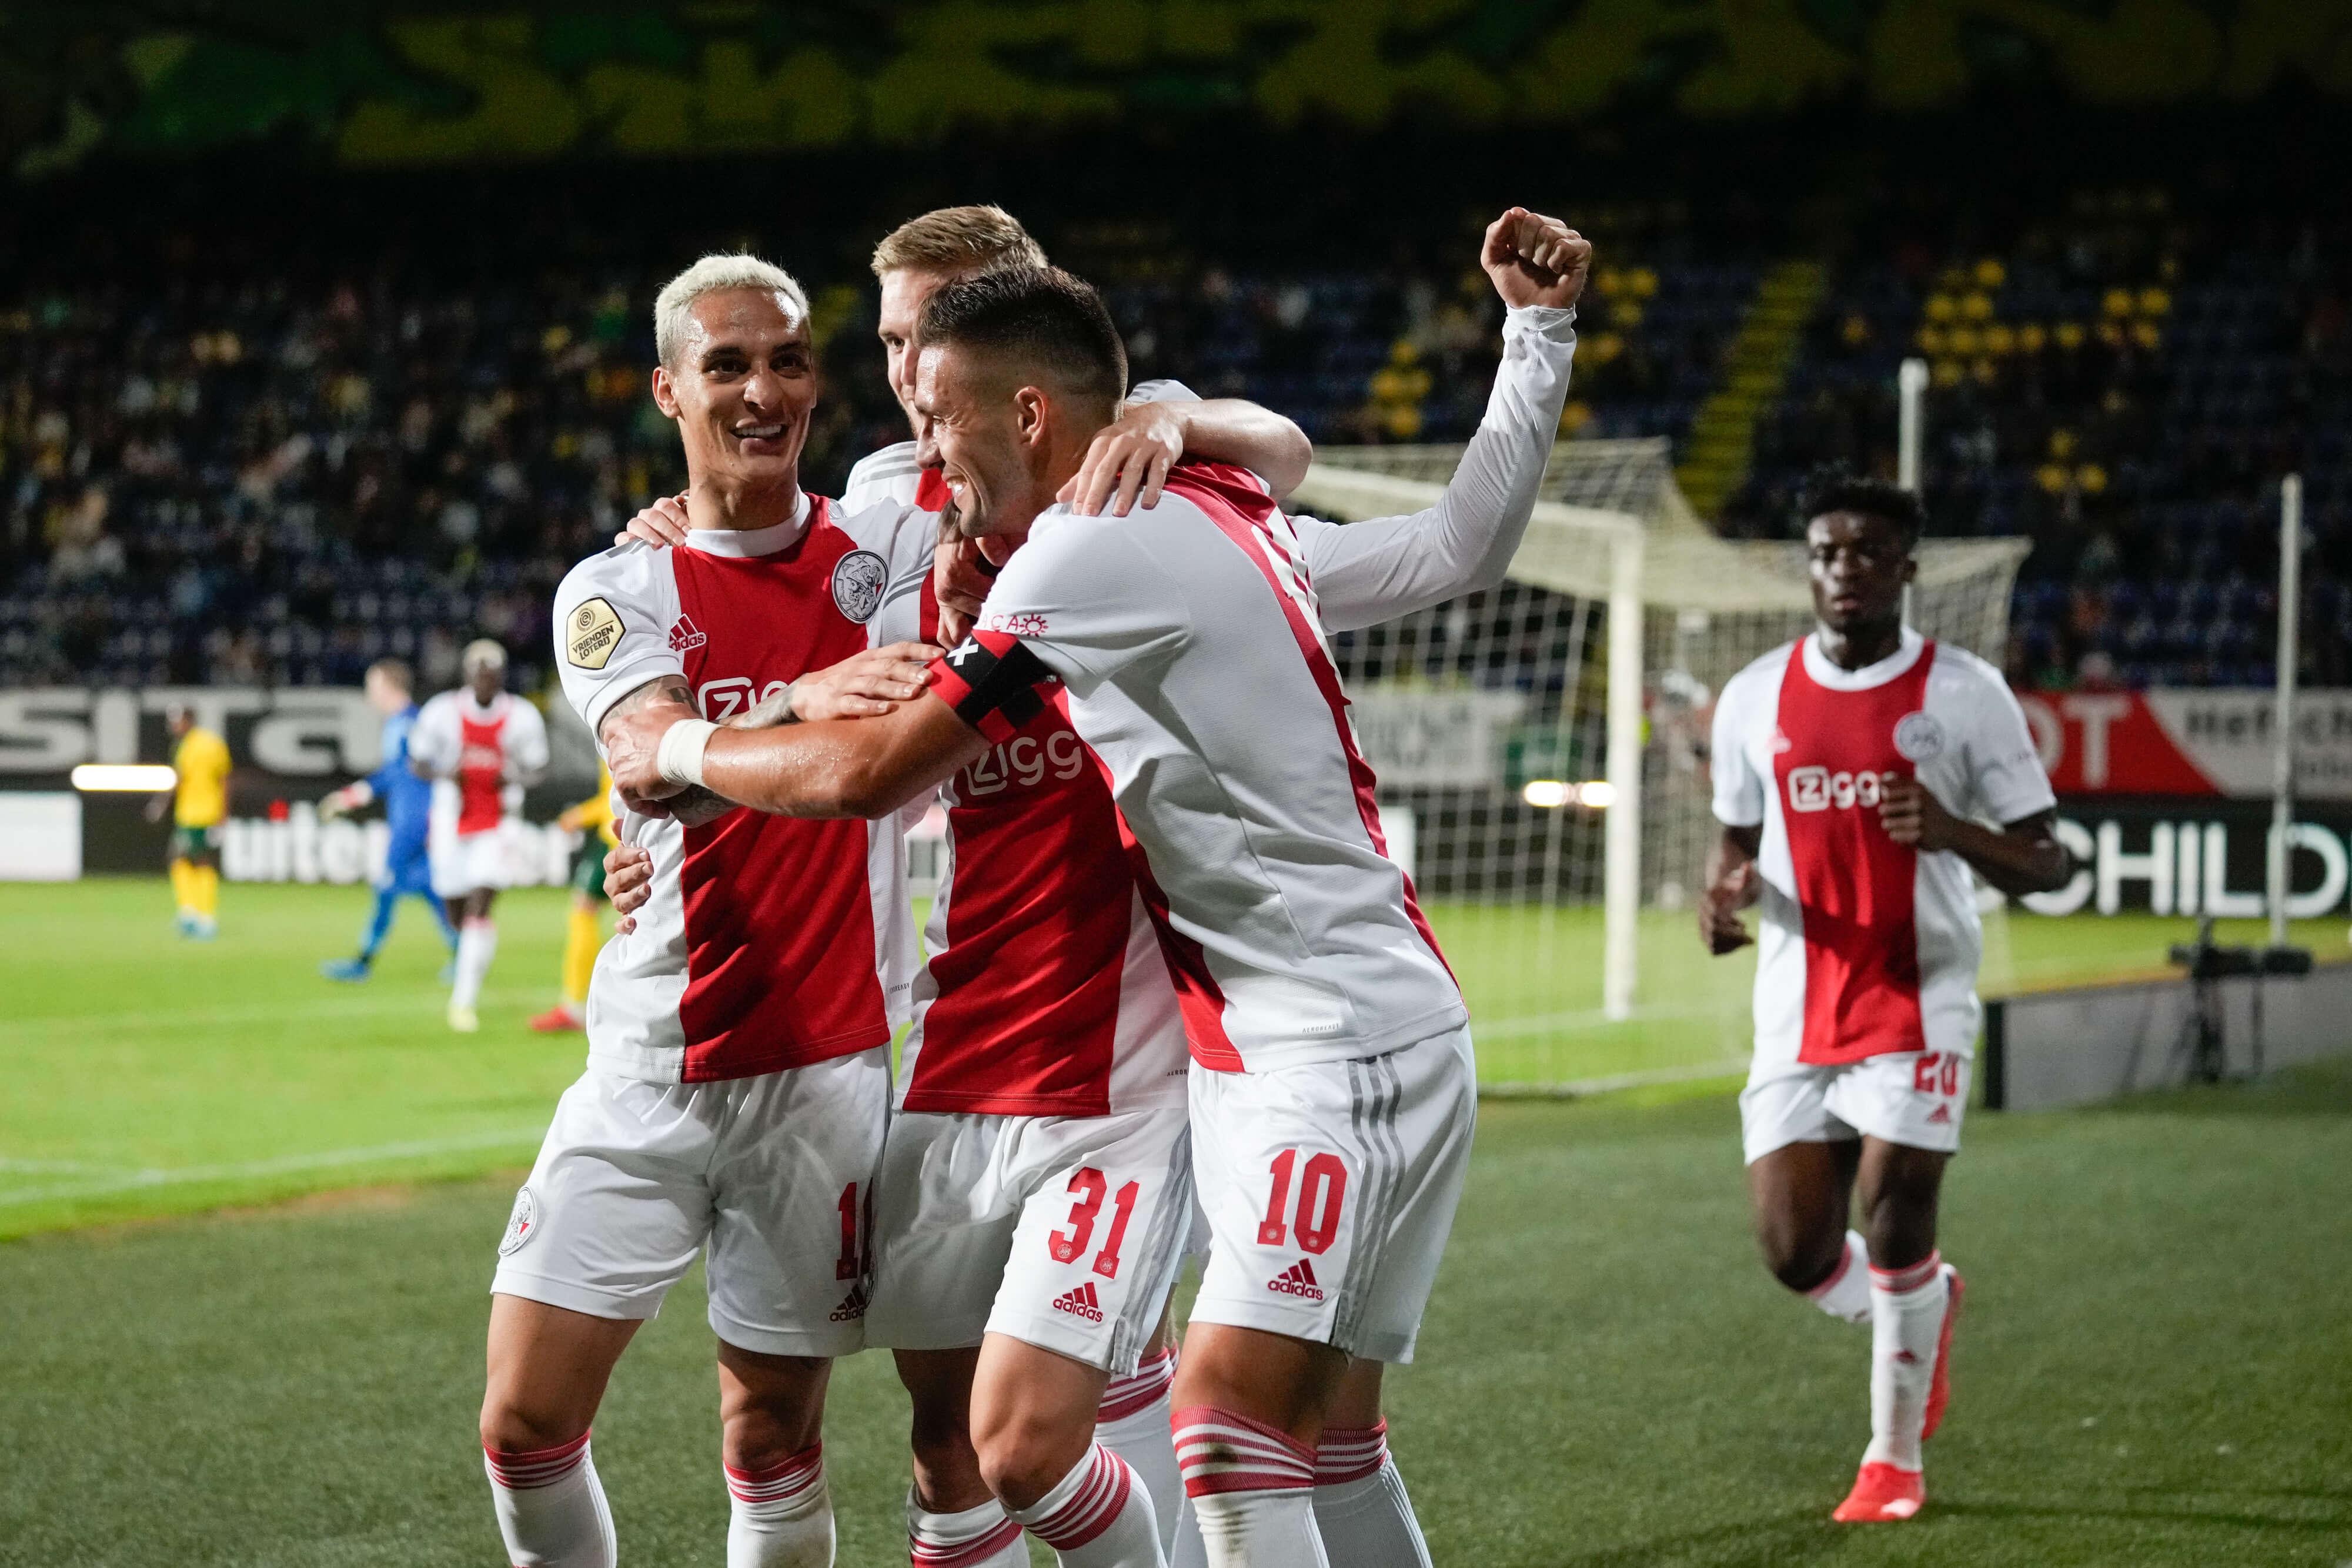 Ajax dendert ook met speels gemak over Fortuna Sittard heen: 0-5; image source: Pro Shots